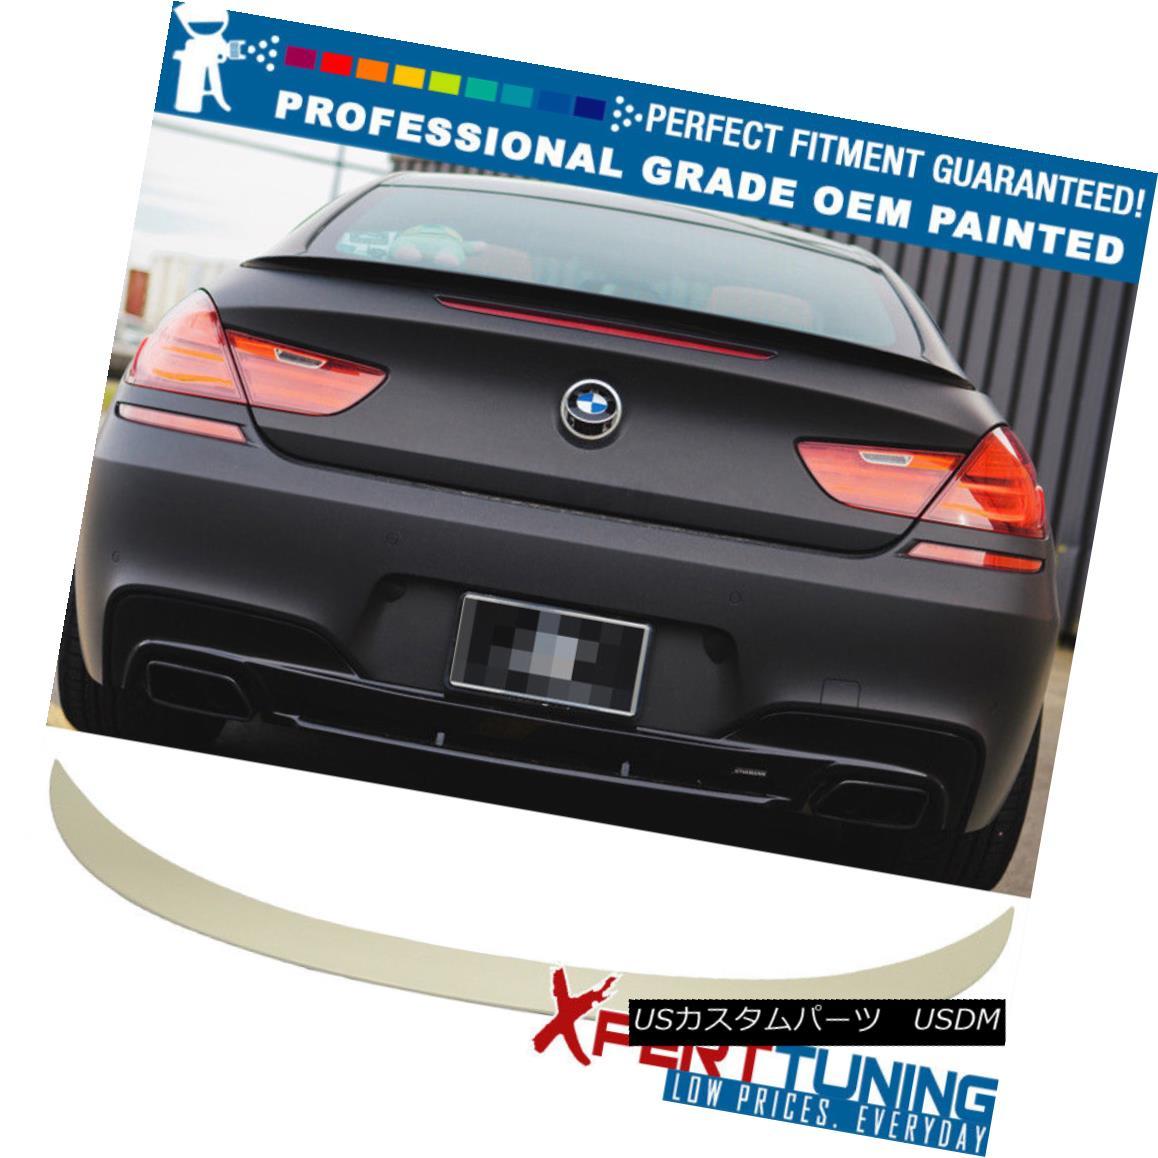 エアロパーツ 12-17 6 Series F13 2Dr 4Dr M6 Style Painted Trunk Spoiler - OEM Painted Color 12-17 6シリーズF13 2Dr 4Dr M6スタイル塗装トランク・スポイラー - OEM塗装色